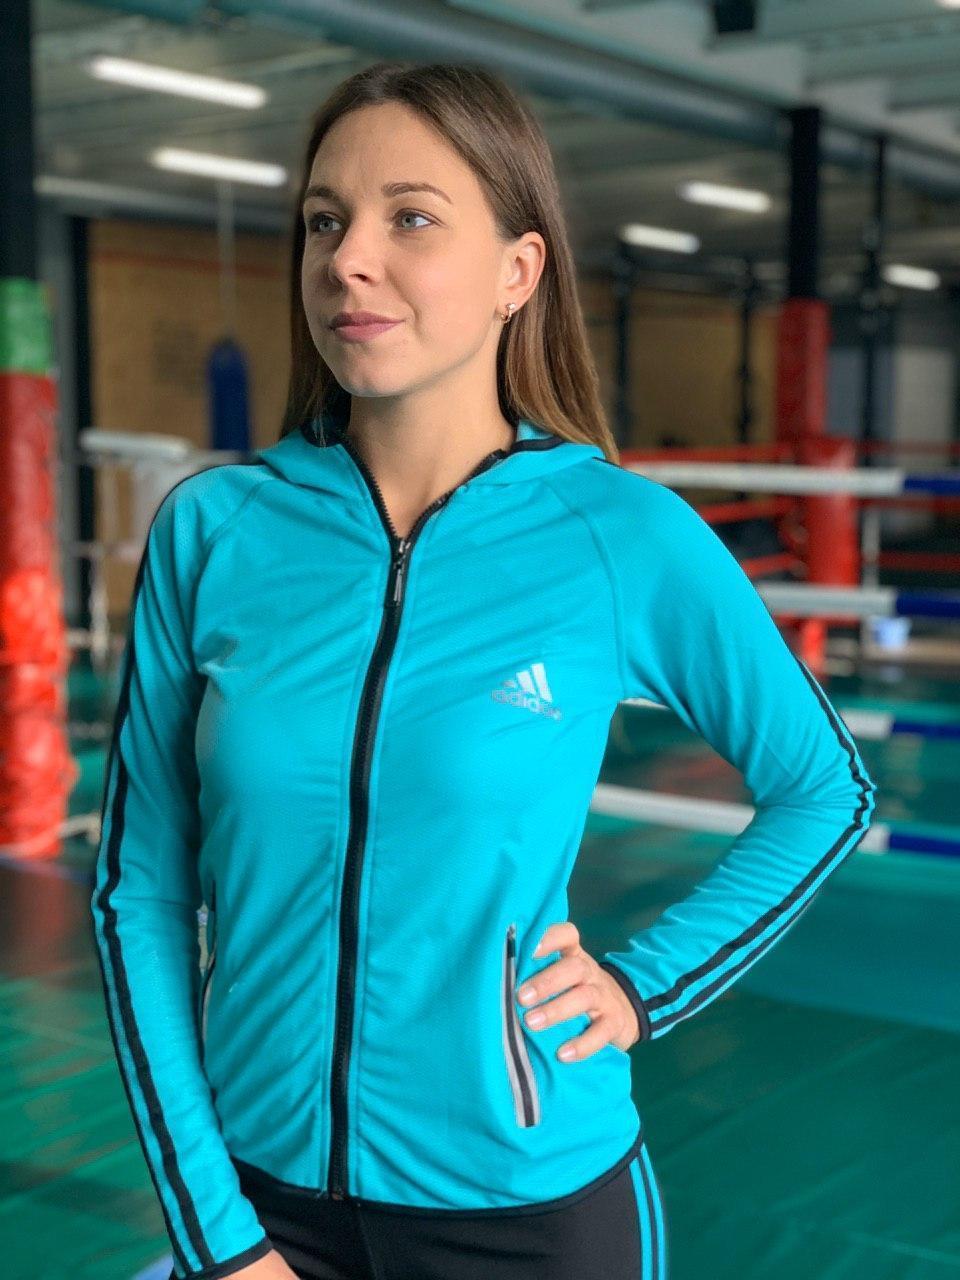 Комплект костюм спортивный комперссионный  женский  Adidas Адидас ( S-M, L-XL )